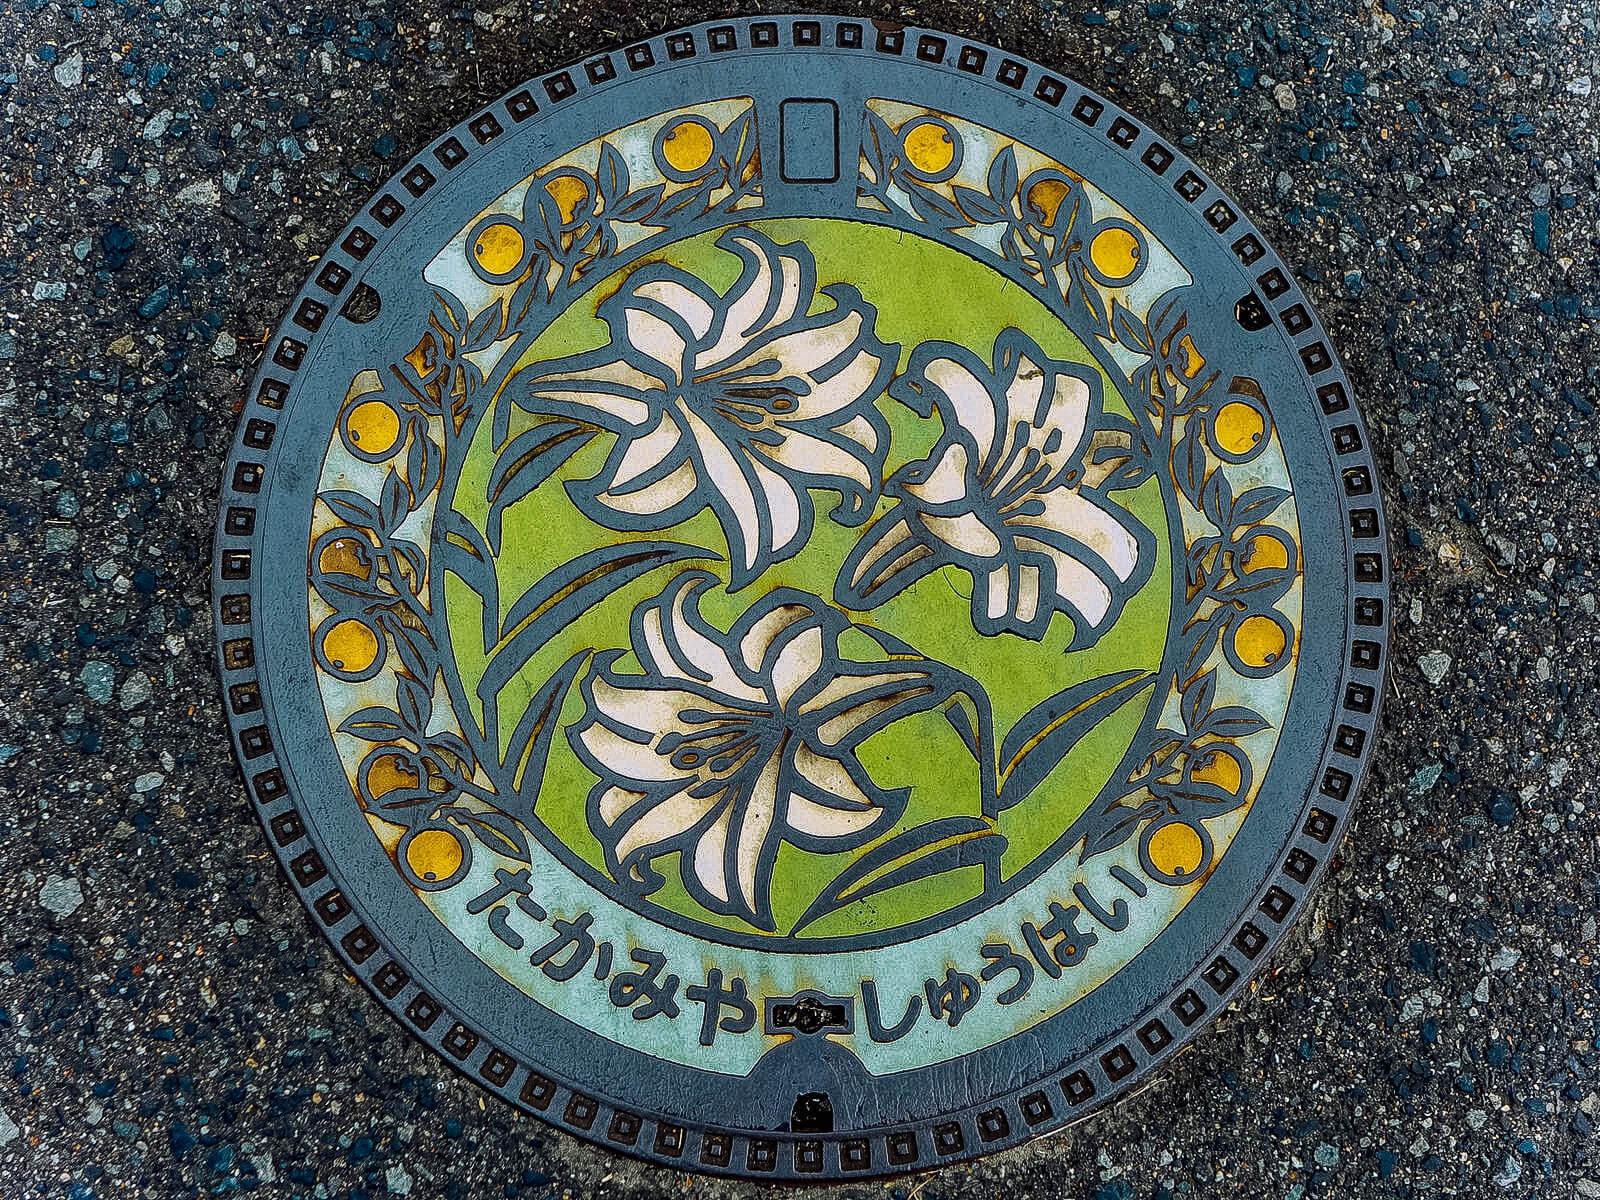 manhole-folral-design-japan-4.jpg